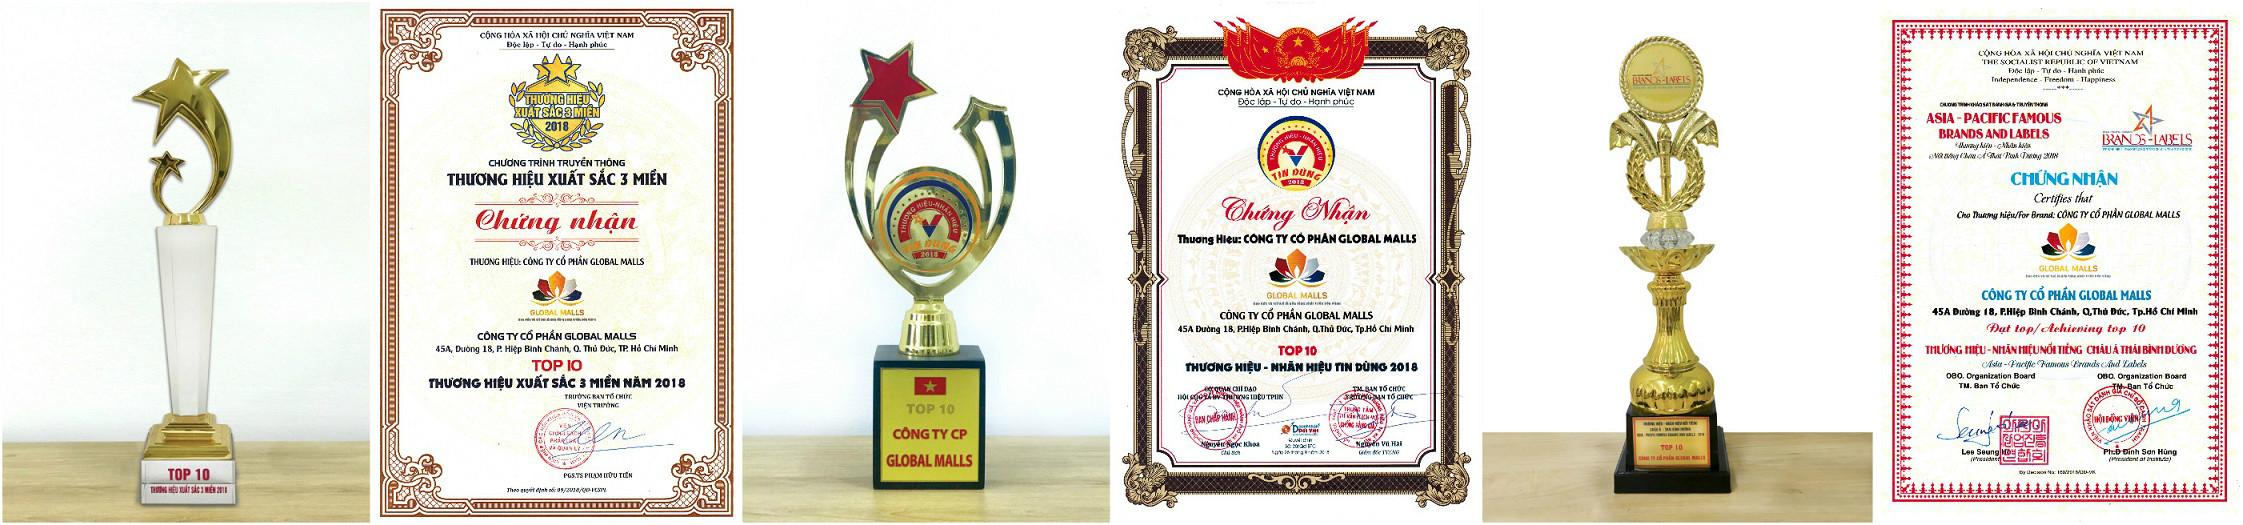 Trong năm 2018, Global Malls và Doanh nhân Nguyễn Quốc Phú đã mang về hàng loạt các danh hiệu tiêu biểu